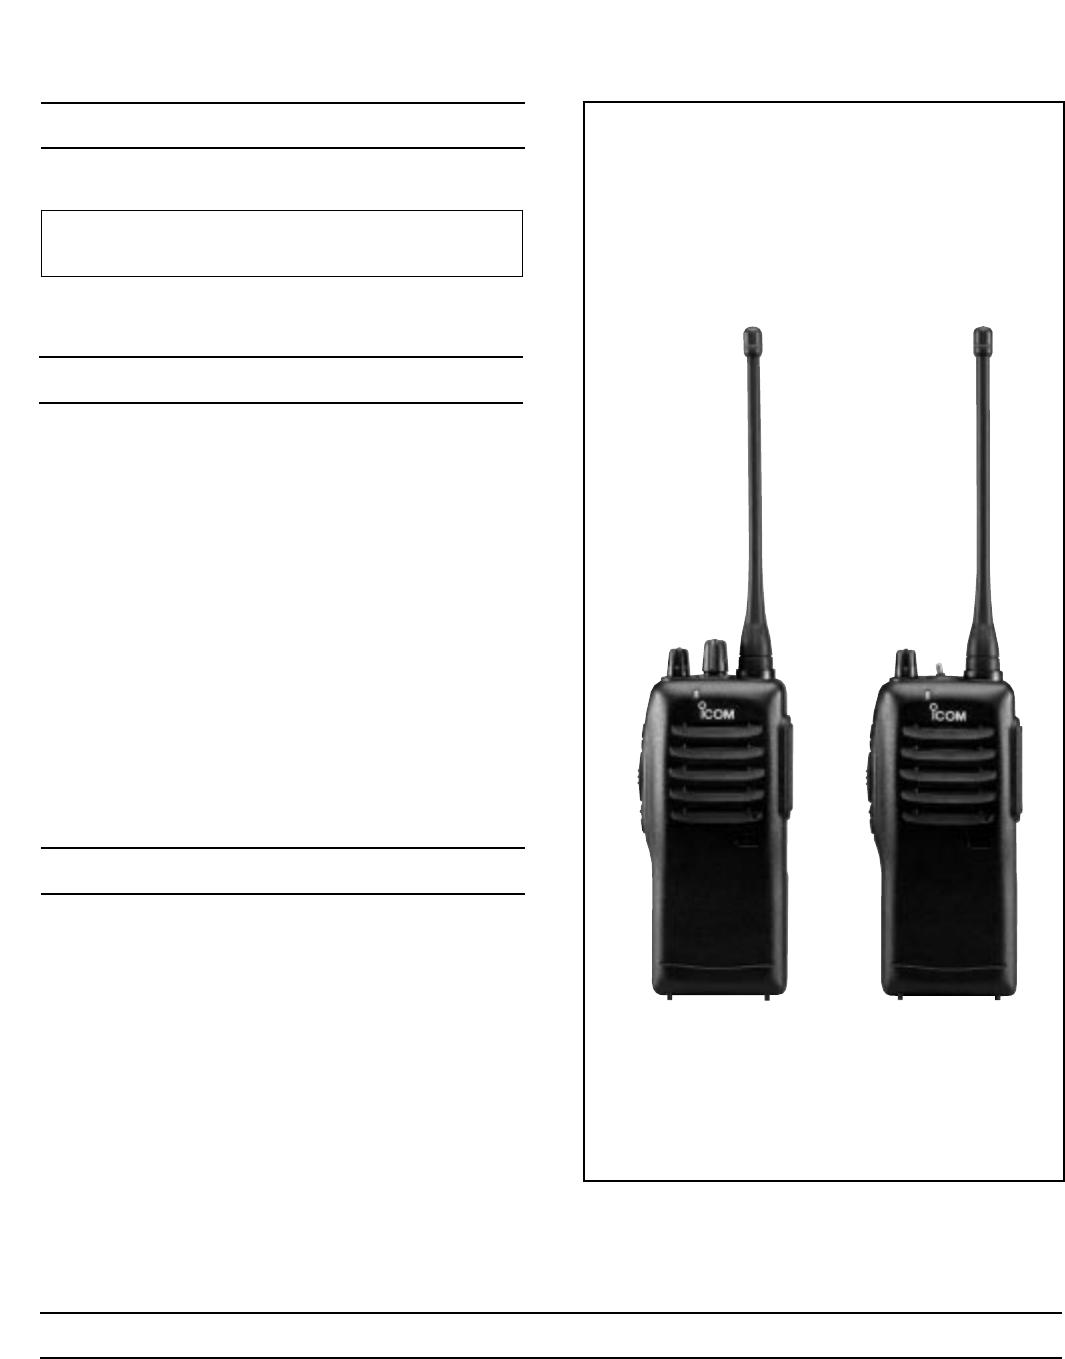 Icom Ic F21 Users Manual F21/F21S Service